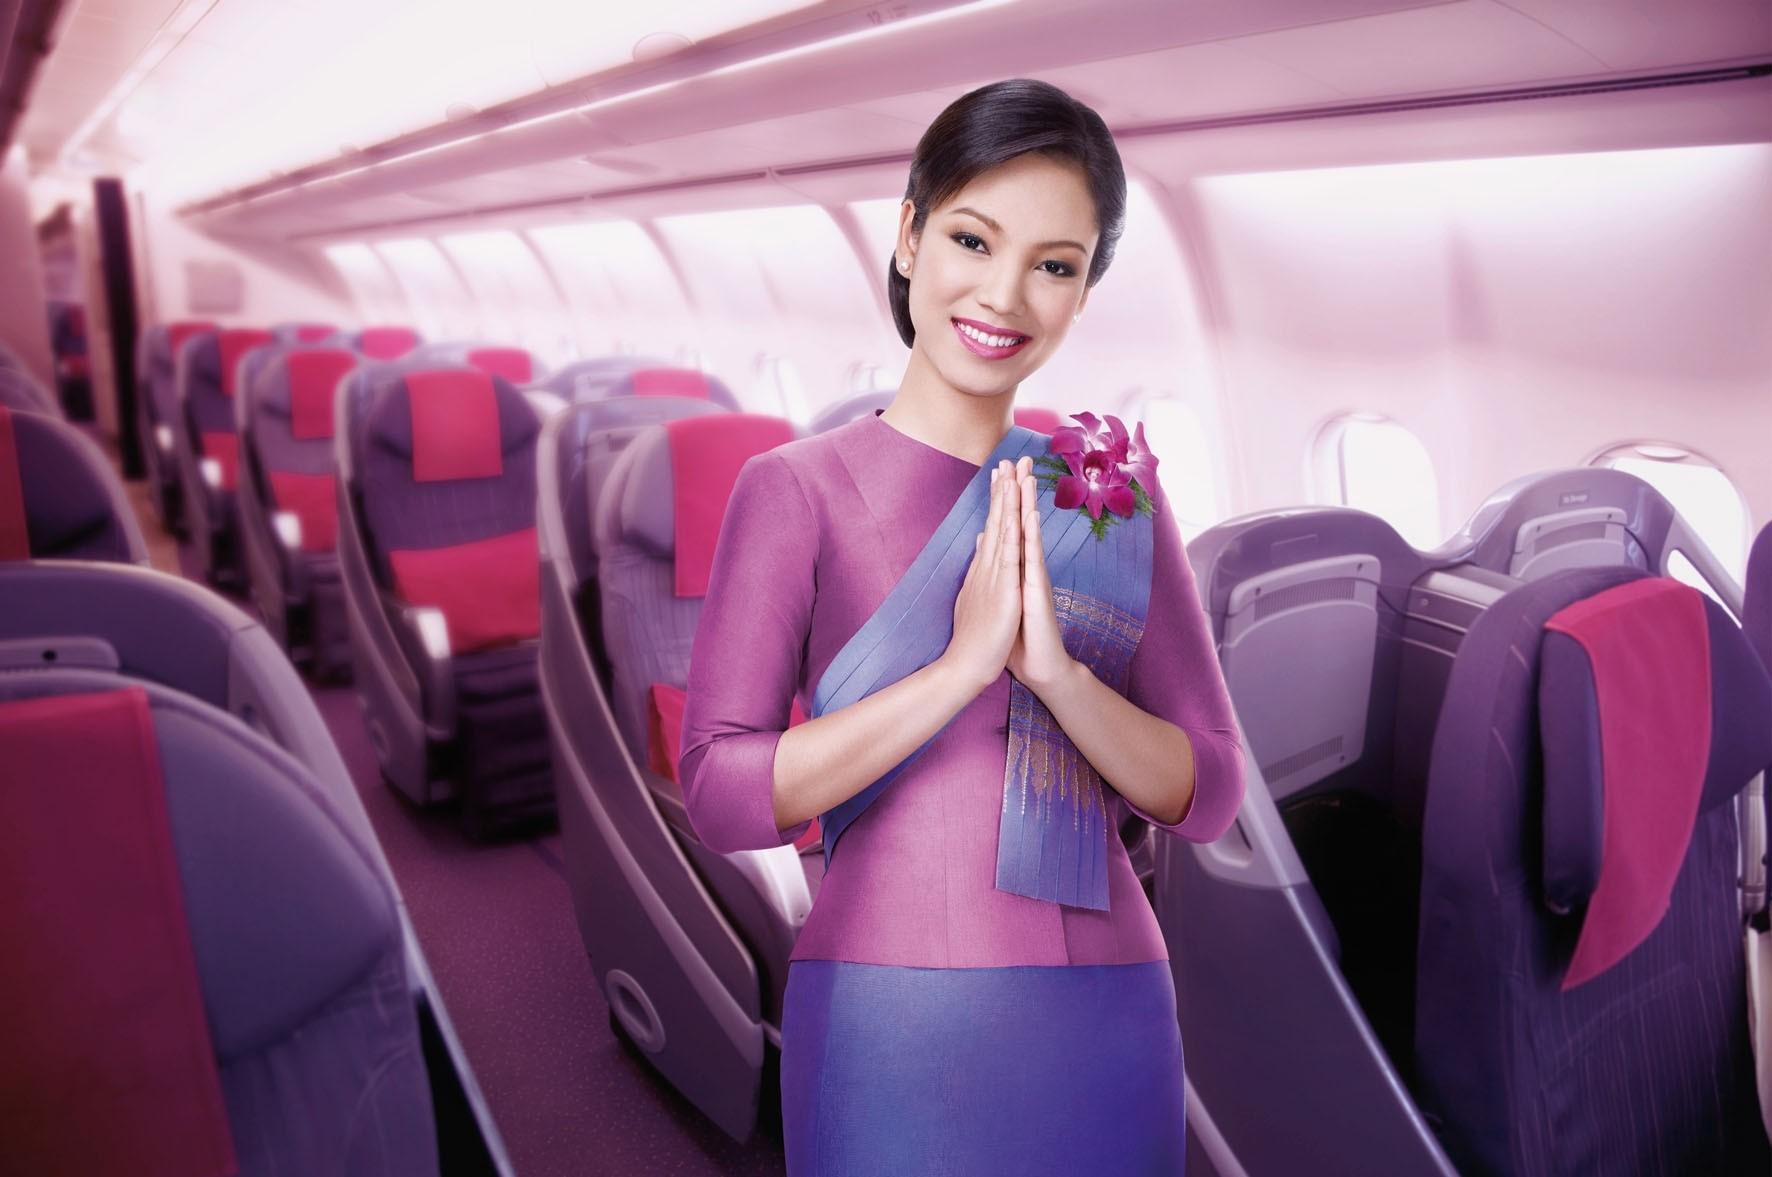 Image result for Thai Airways cabin crew uniform